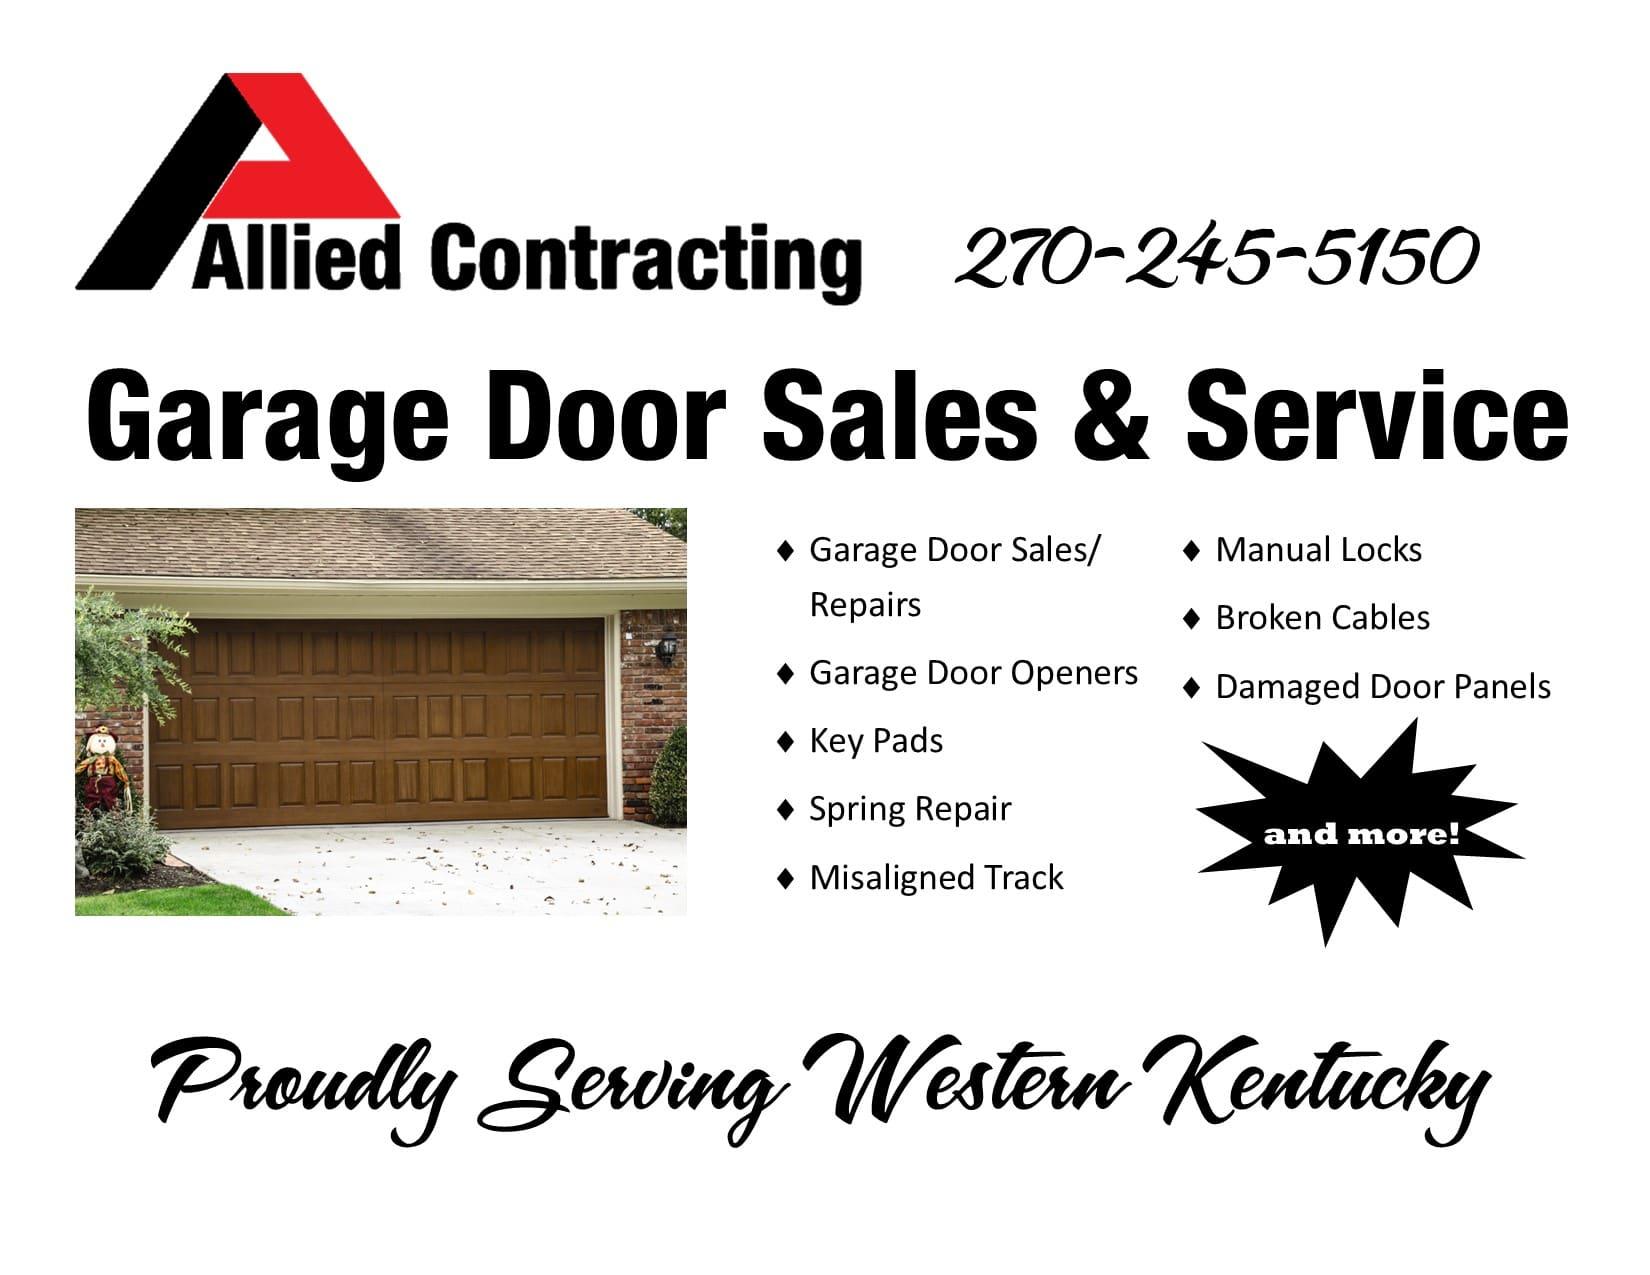 Allied Garage Door Sales & Service